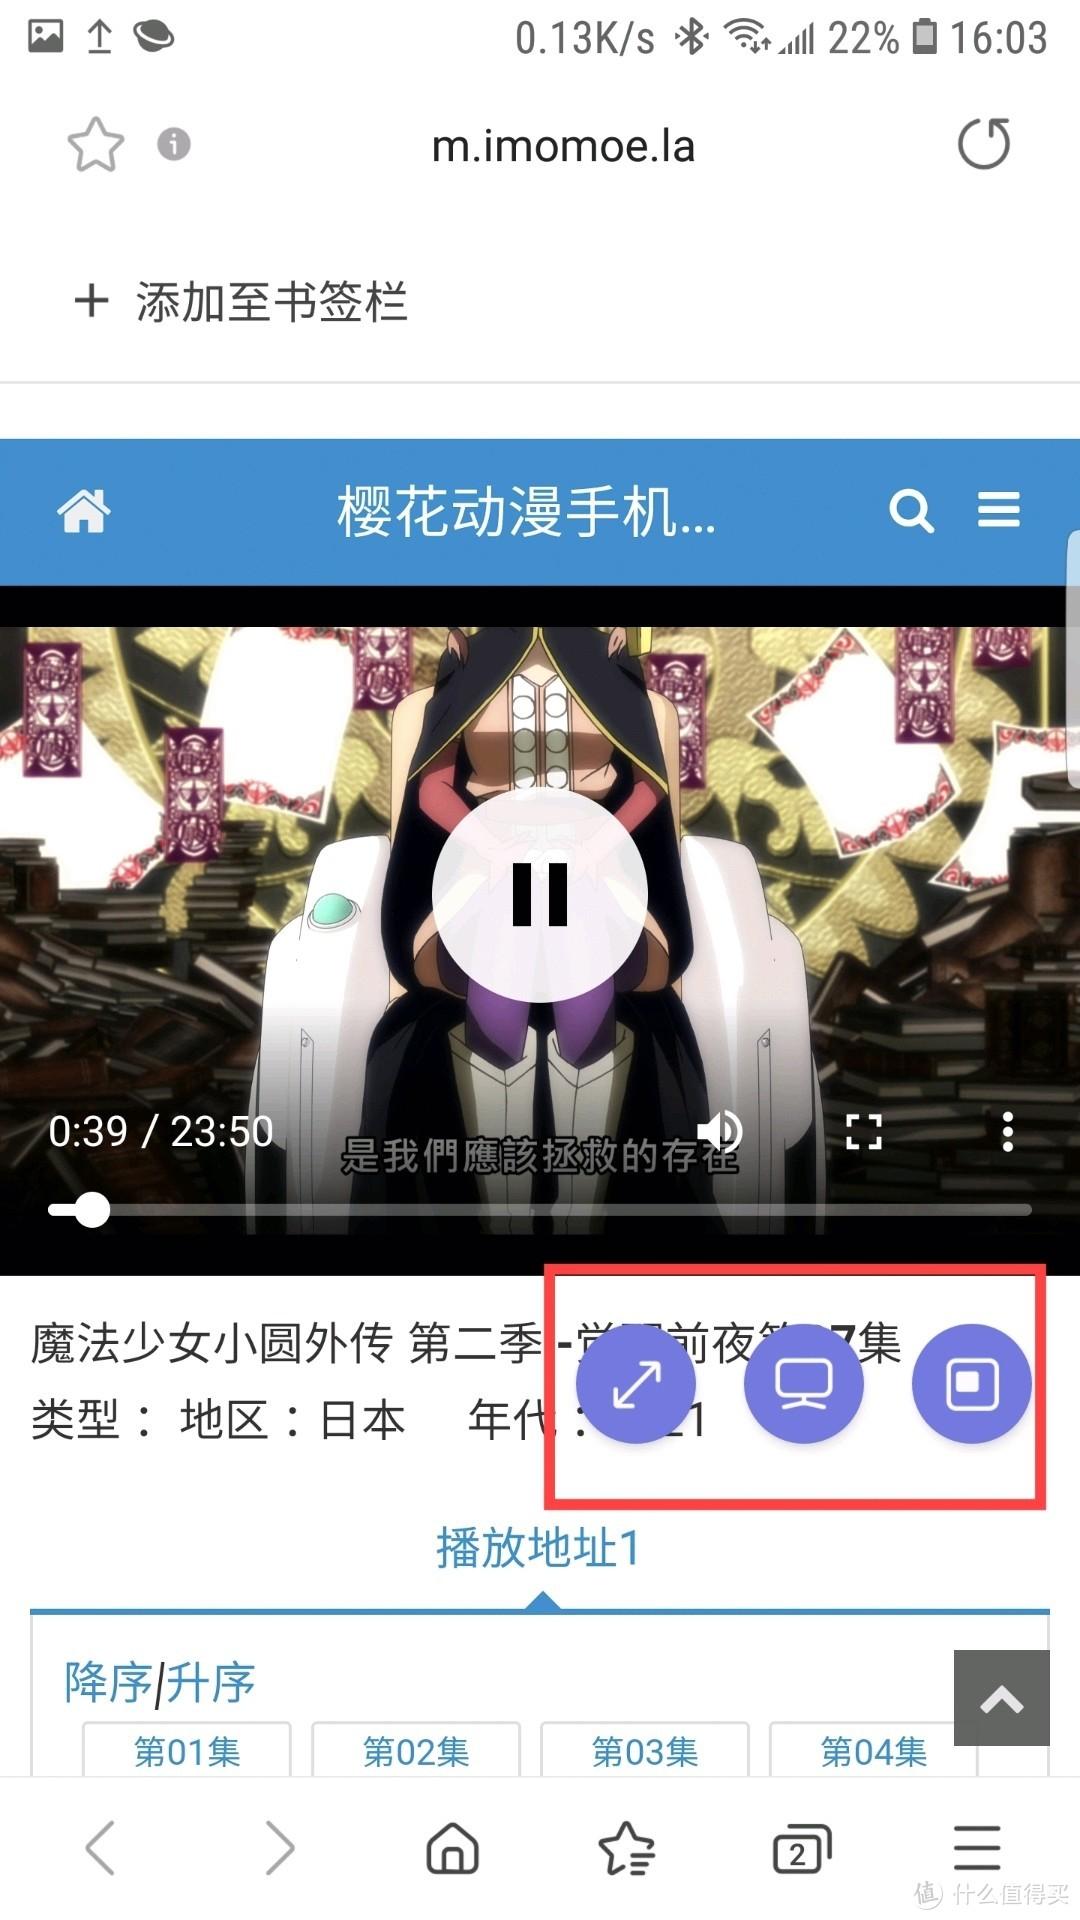 主要特色功能之一视频助手,独立于谷歌浏览器内核的视频插件,功能依次为全屏,电视投屏,小窗播放